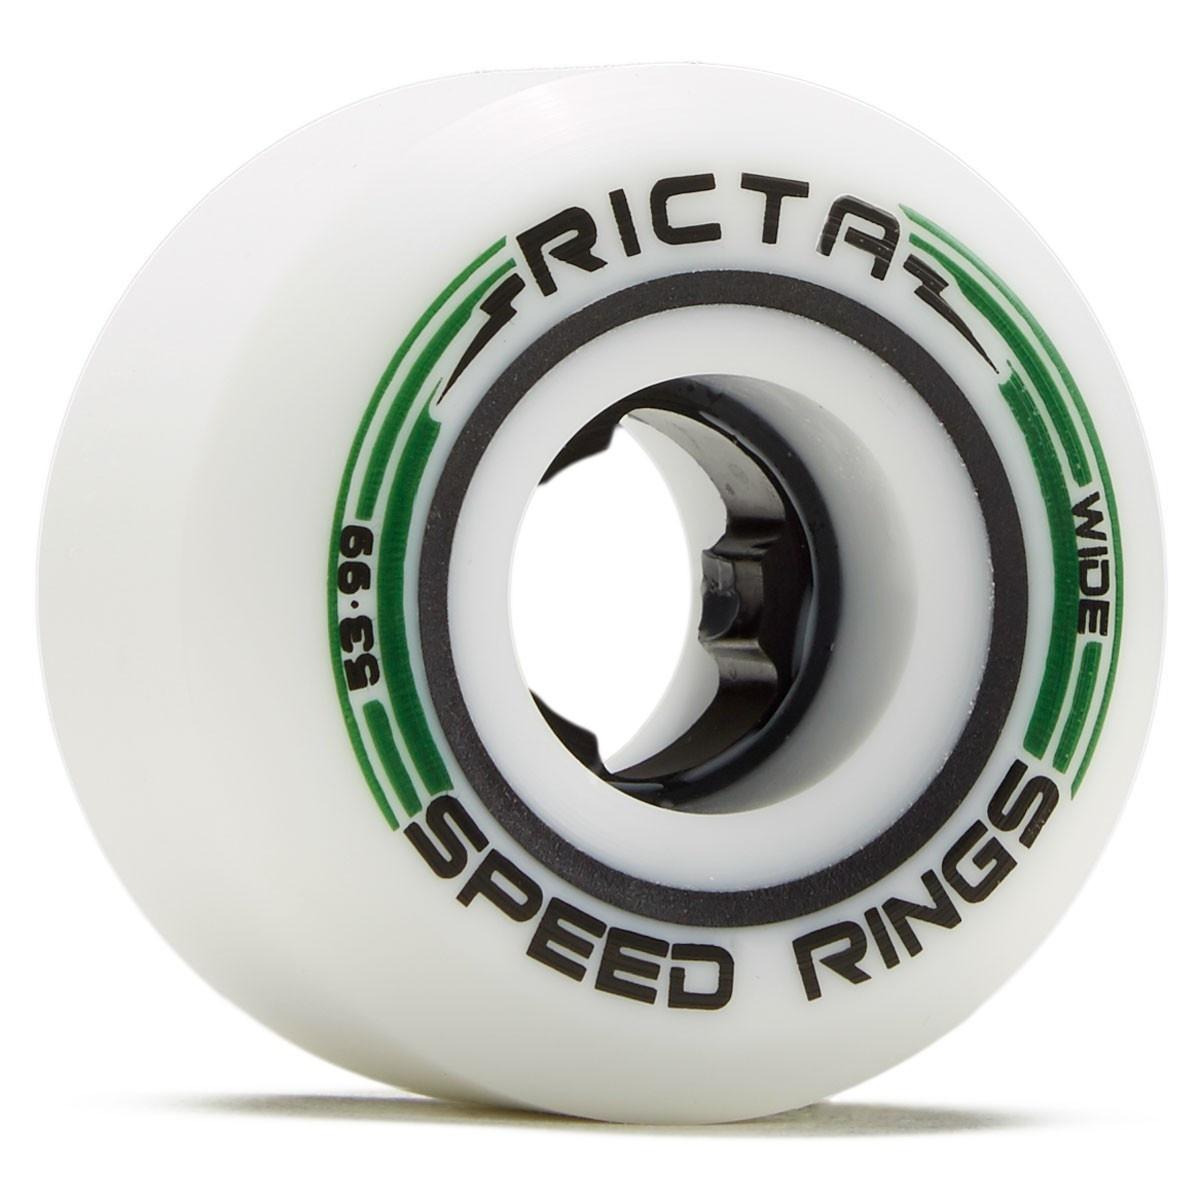 ricta 53mm speedrings wide 99a wheels